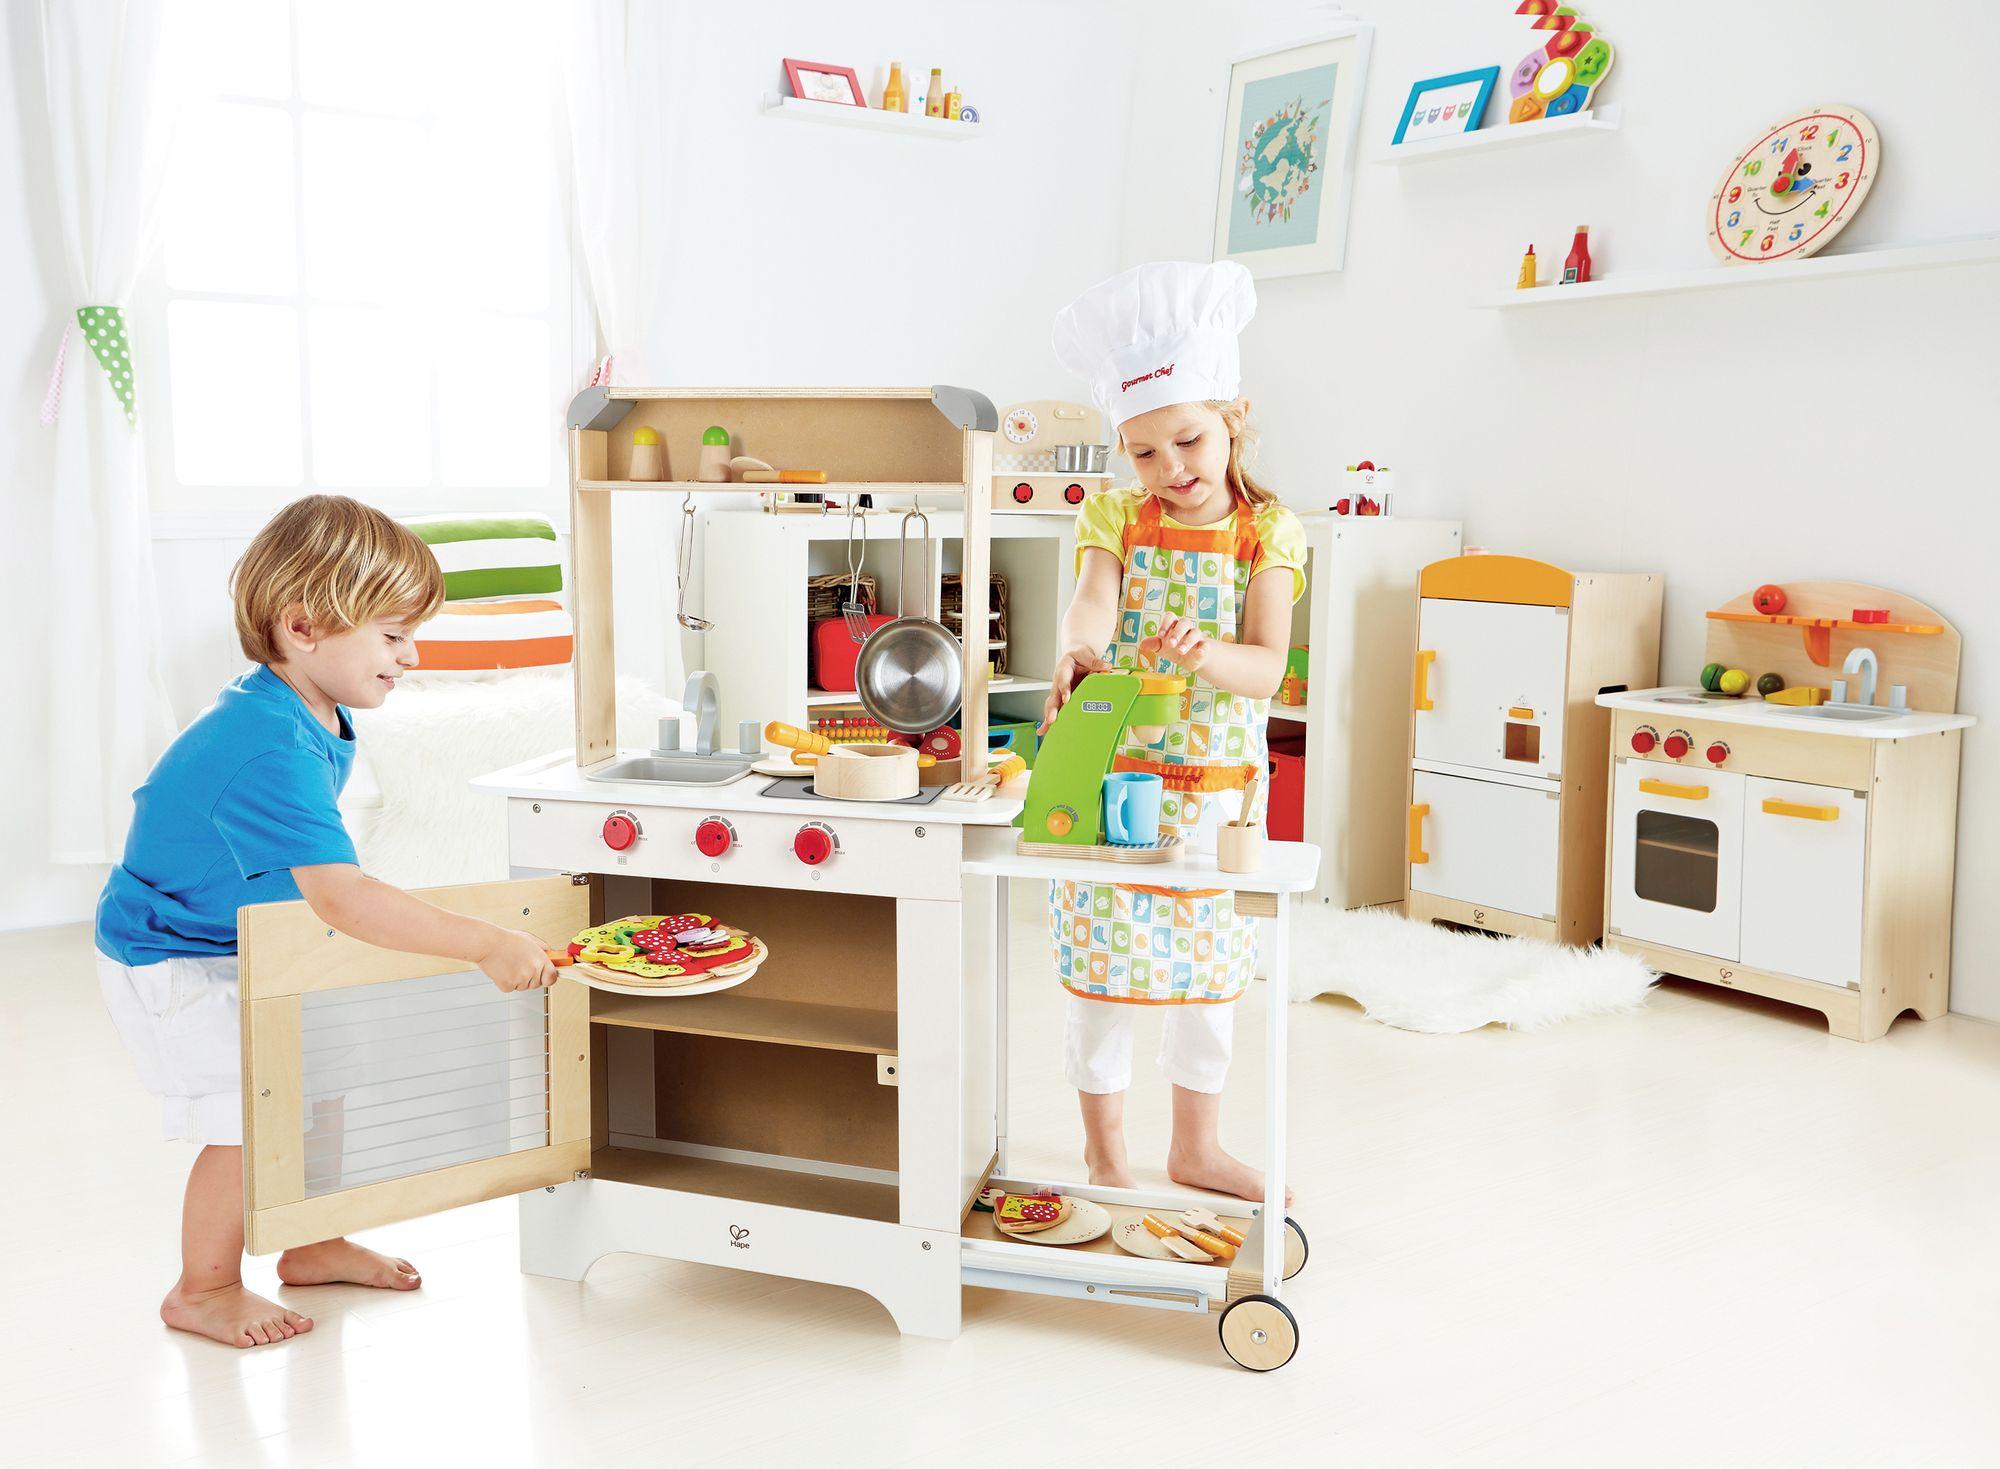 Full Size of Biokinderkche Spielkche All In One Kche Kinder Spielküche Wohnzimmer Spielküche